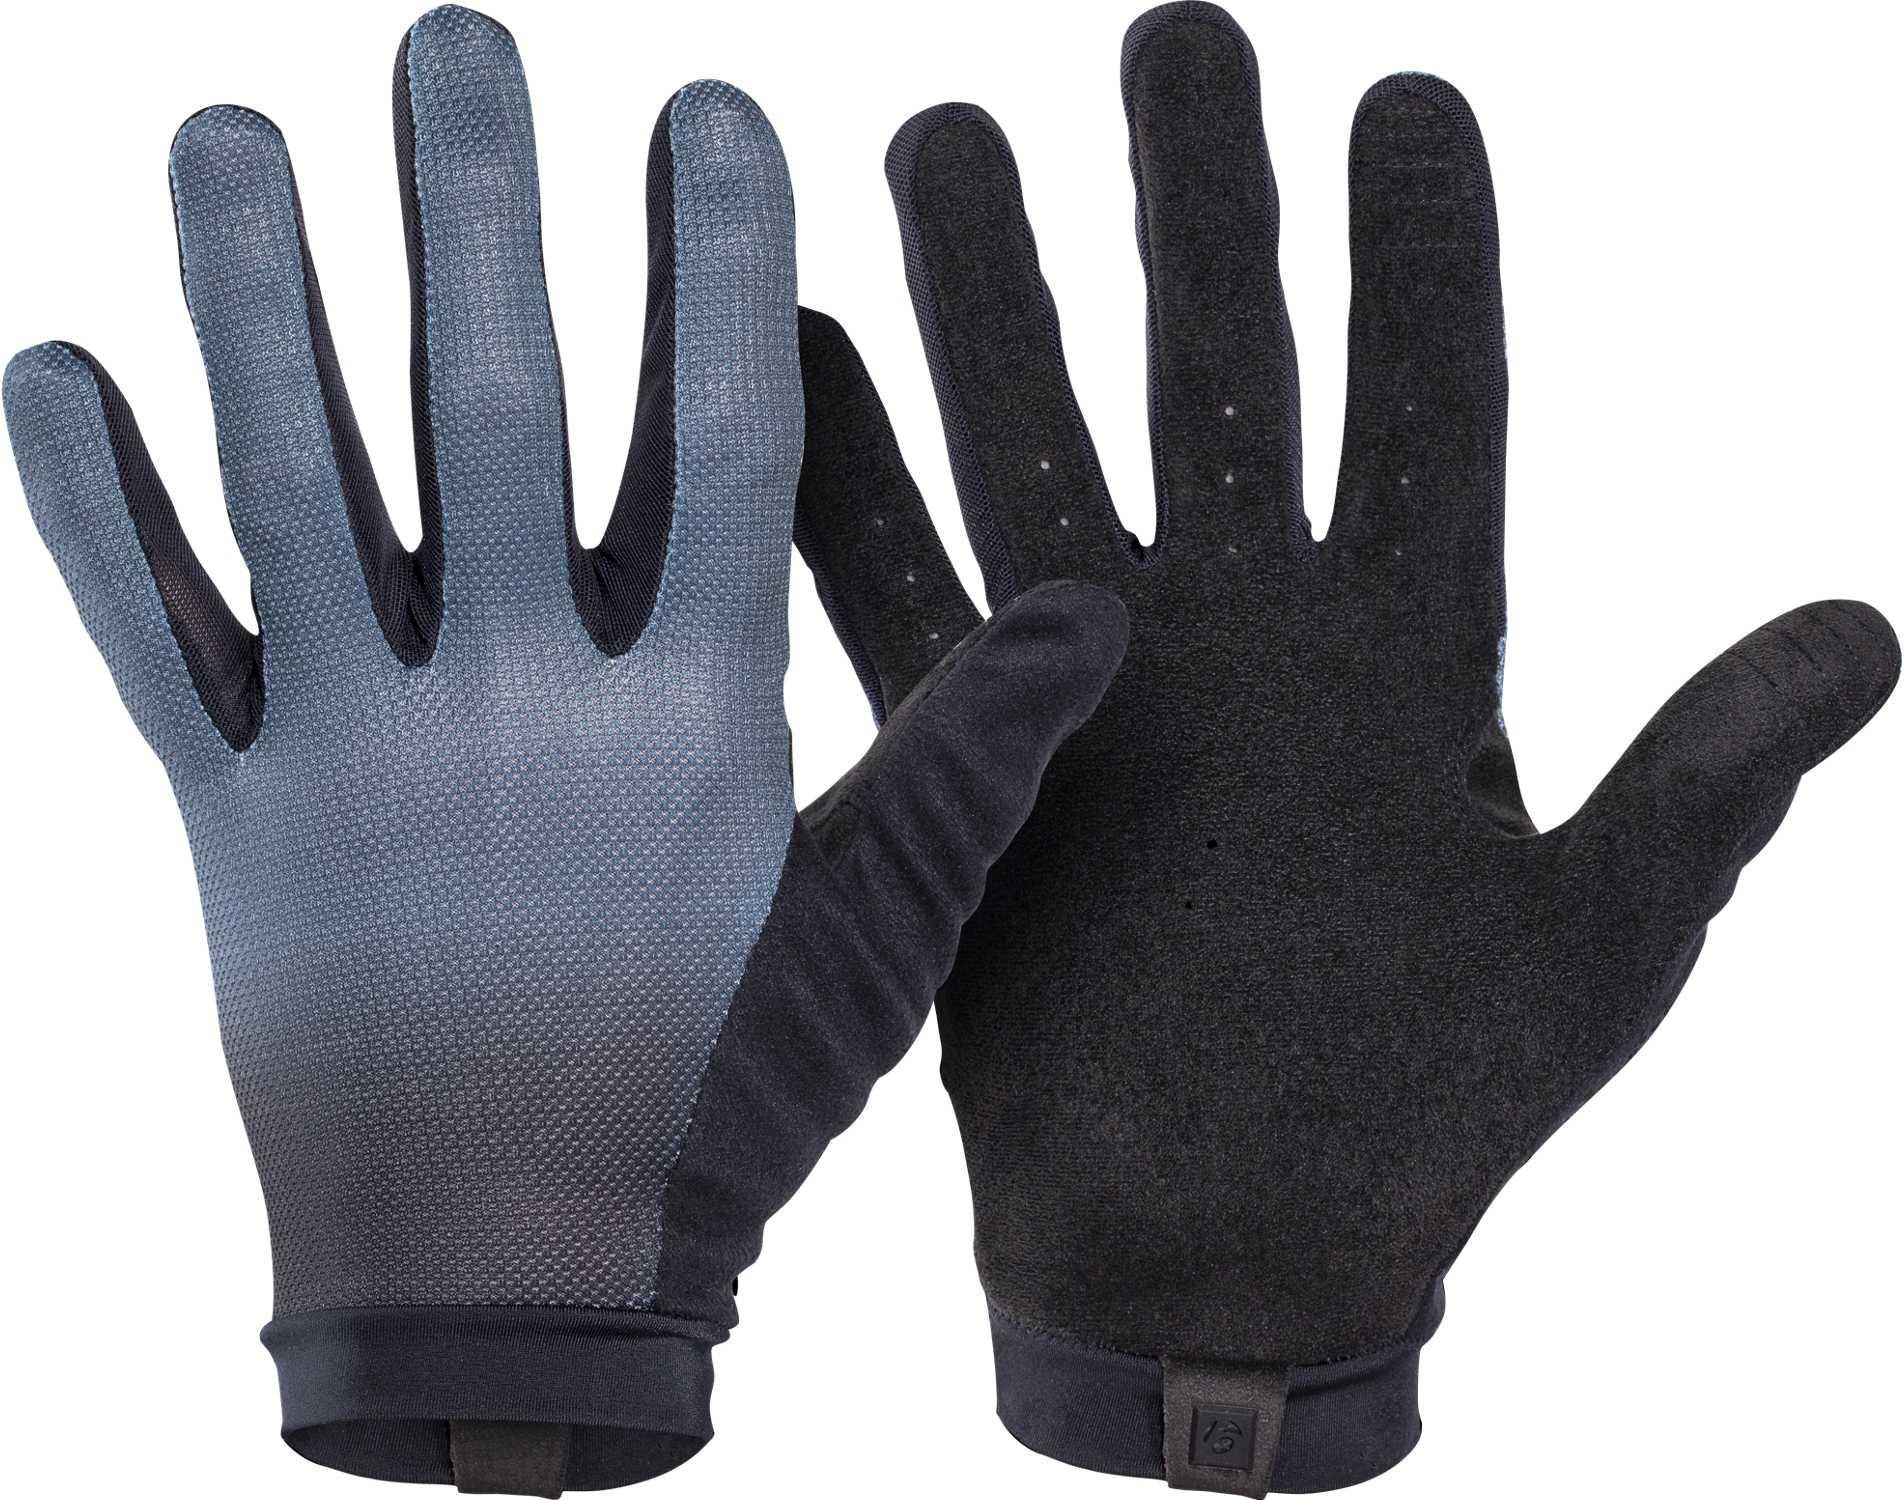 Handskar Bontrager Evoke blå | Gloves